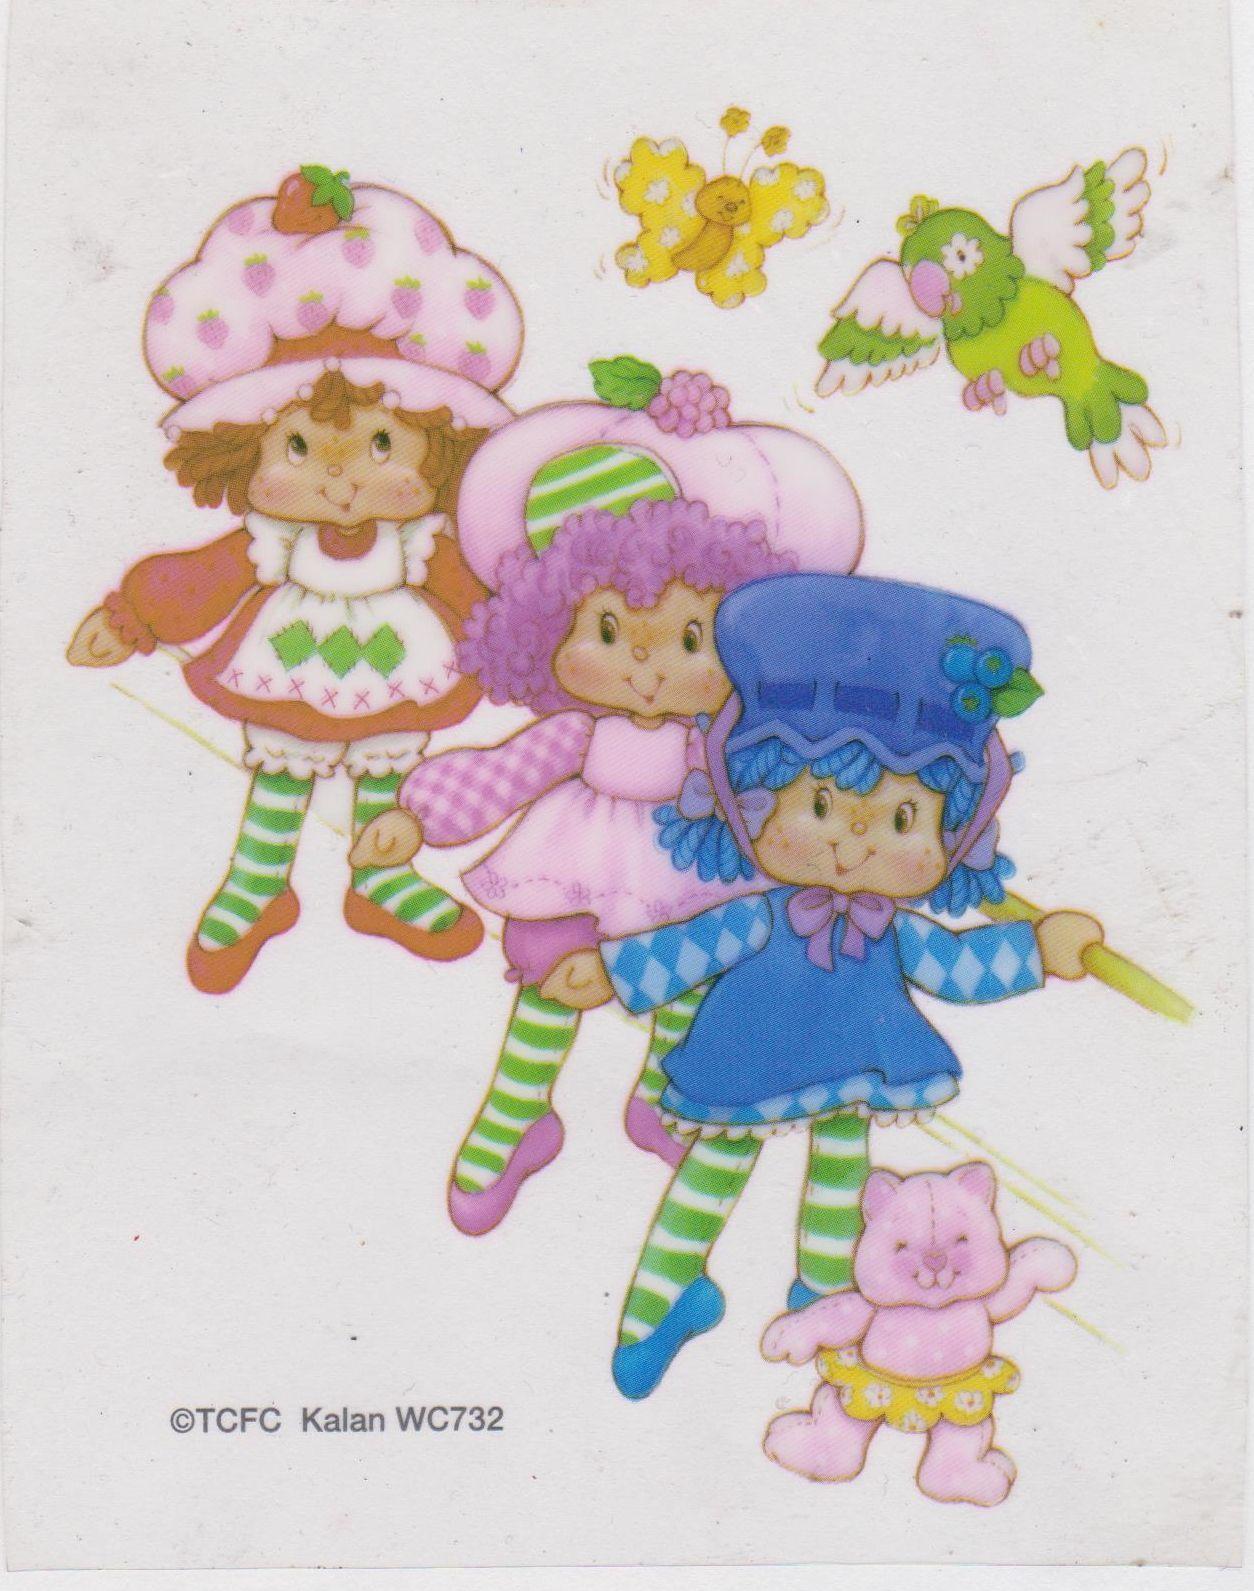 http://www.ebay.com/itm/13-Huckleberry-Pie-Rag-Doll-Strawberry ...